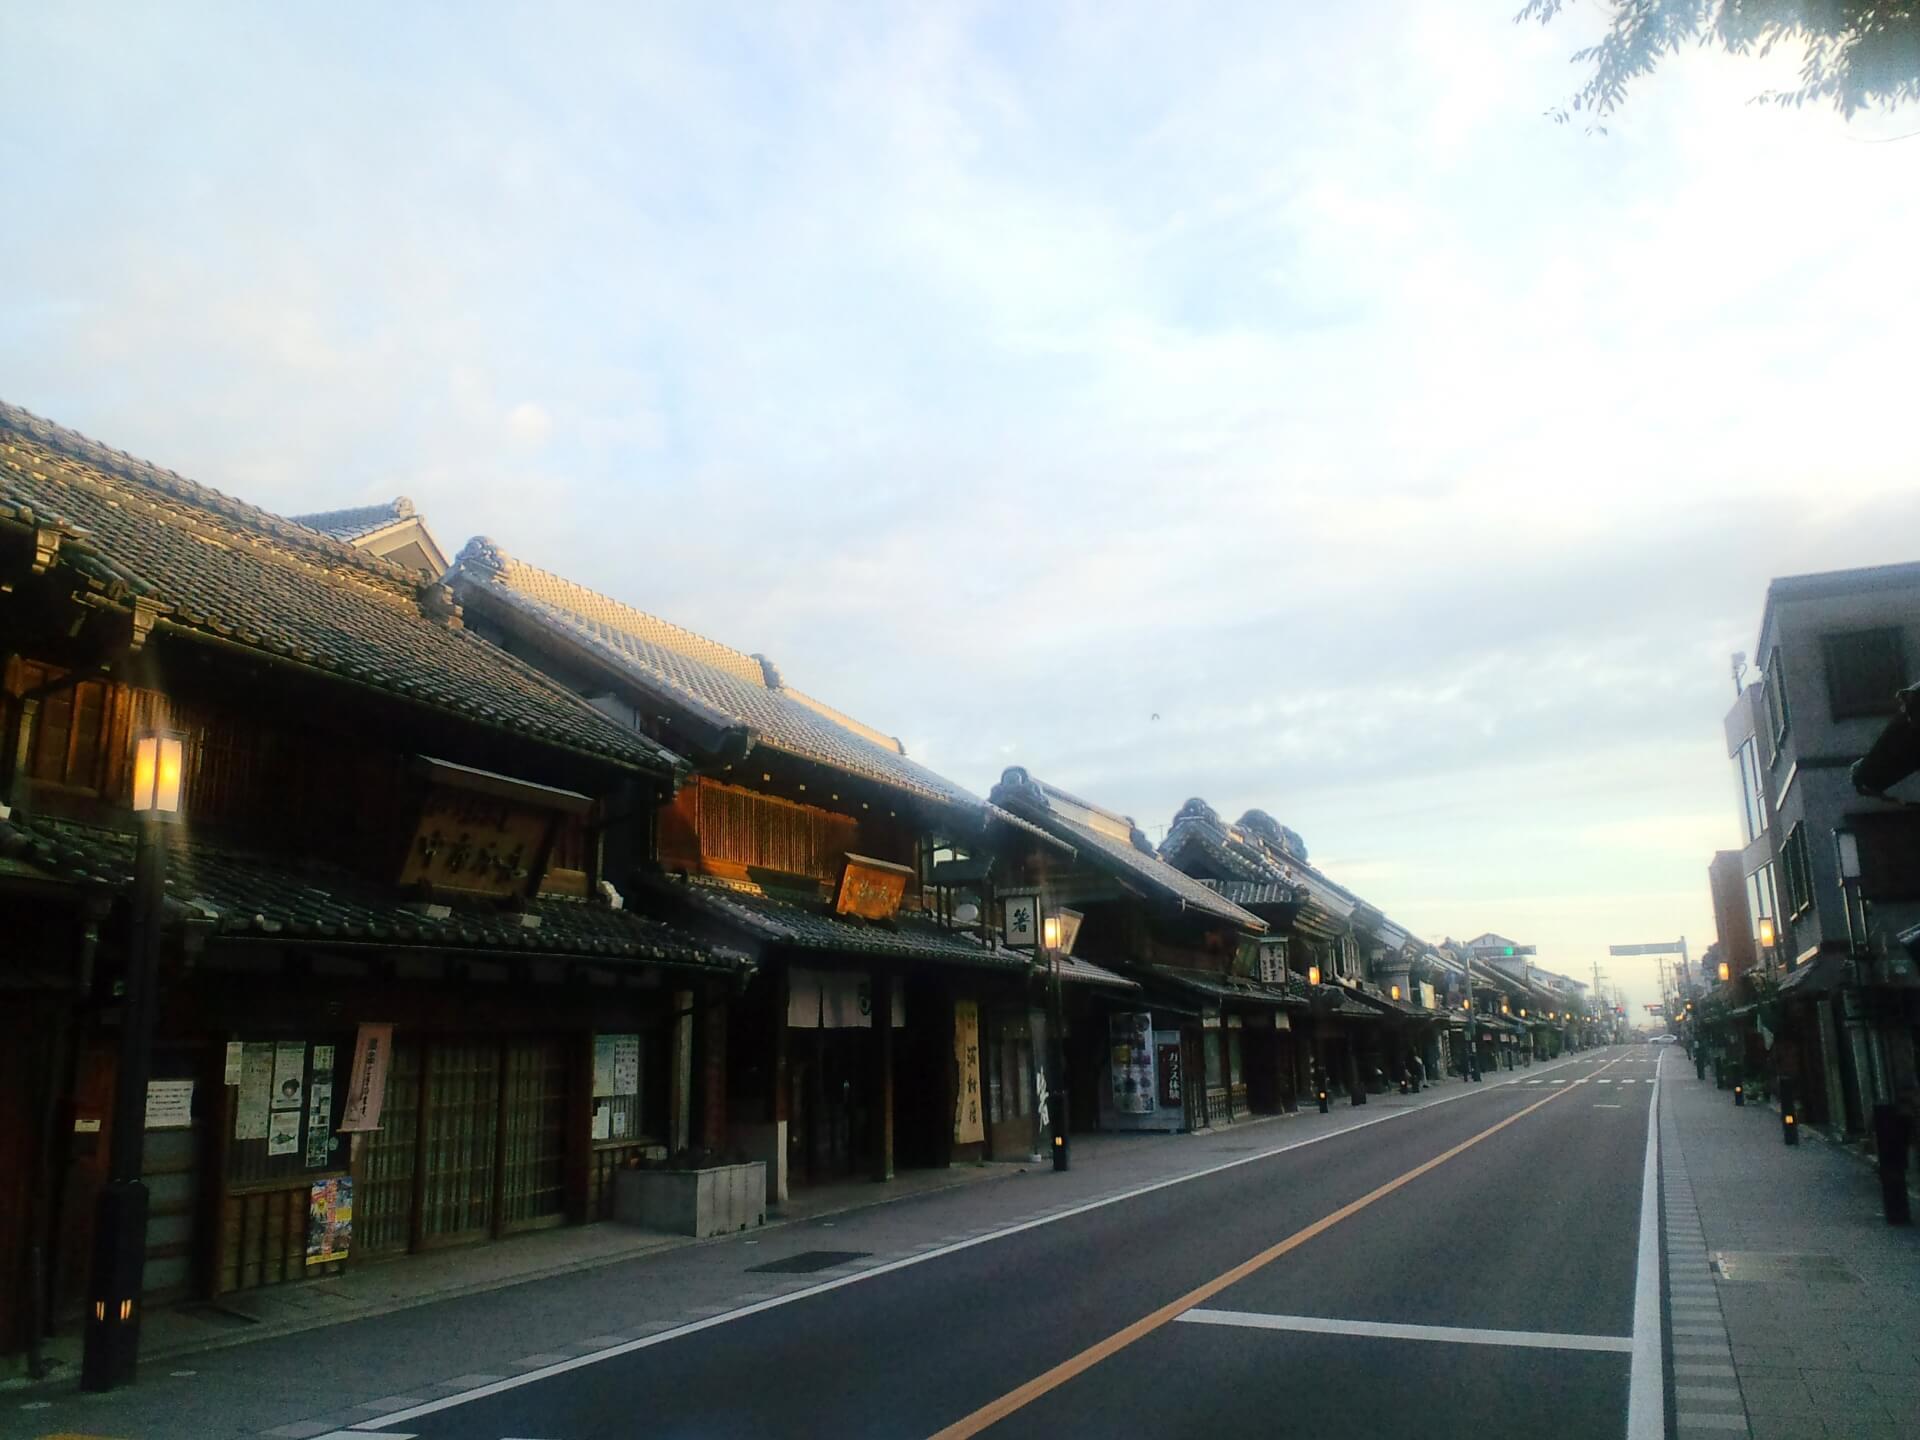 埼玉の観光を考える・埼玉がここではないどこかであるために